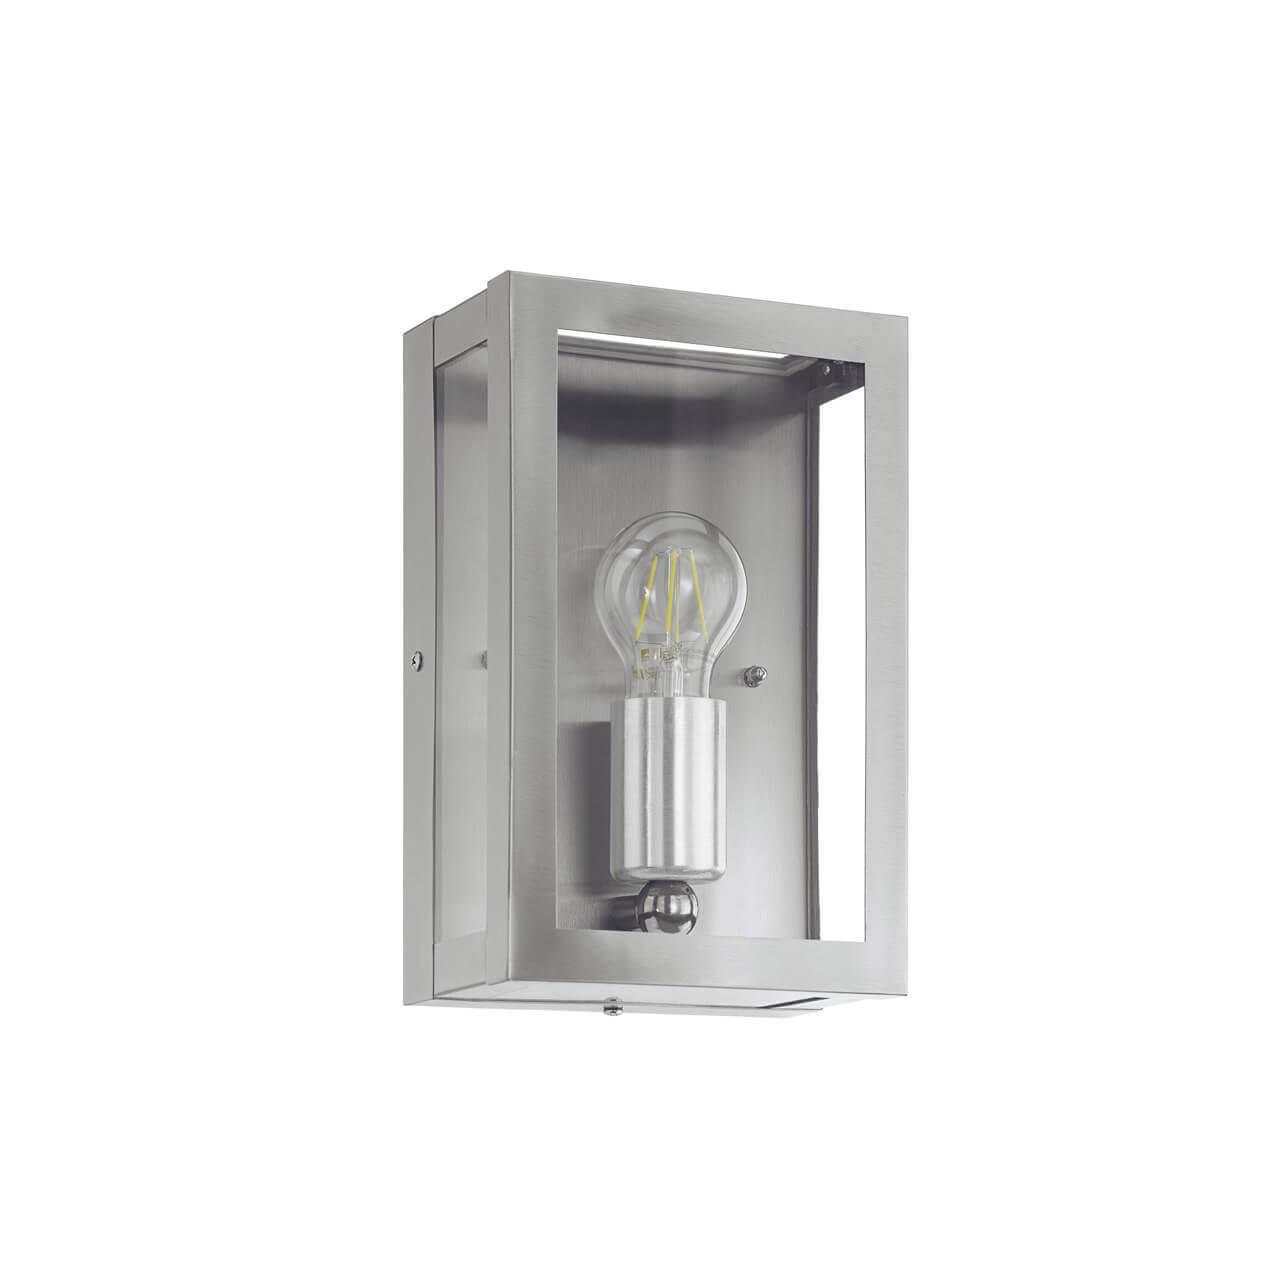 купить Уличный настенный светильник Eglo Alamonte 94827 по цене 5490 рублей